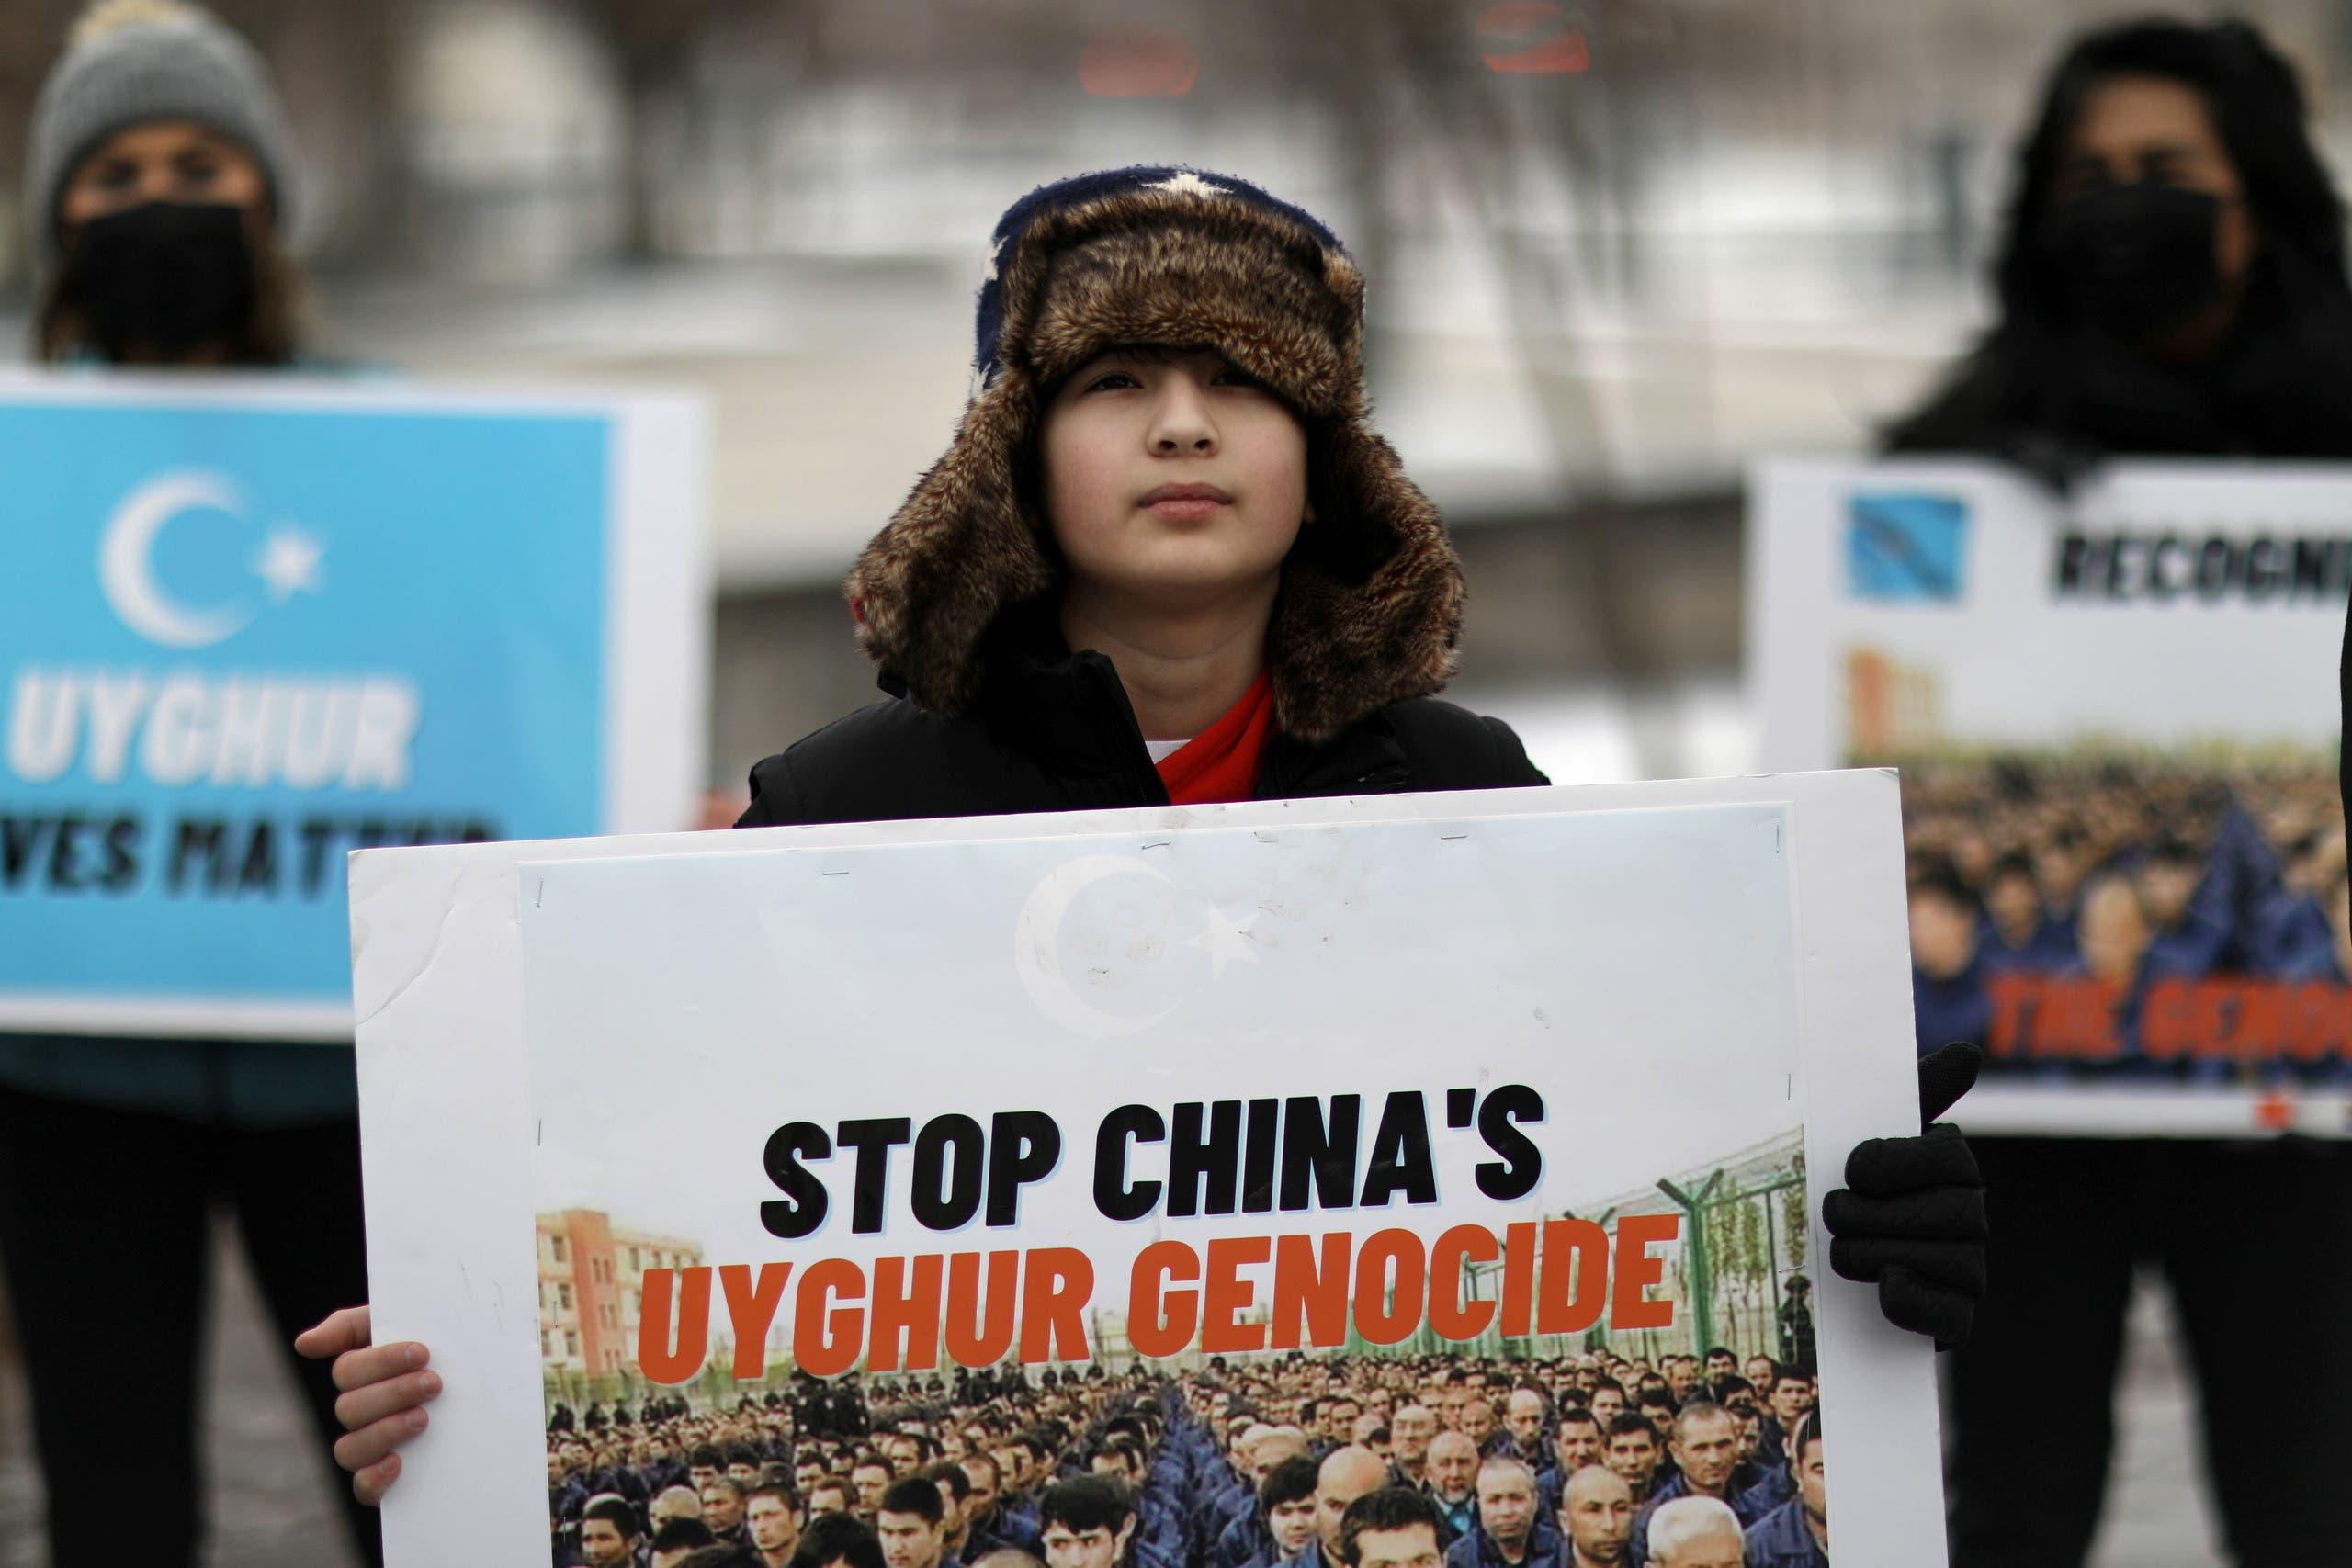 تجمعی در اعتراض به رفتار چین علیه مردم اویغور، روبروی سفارت کانادا در واشنگتن  19 فوریه 2021 (عکس رویترز)